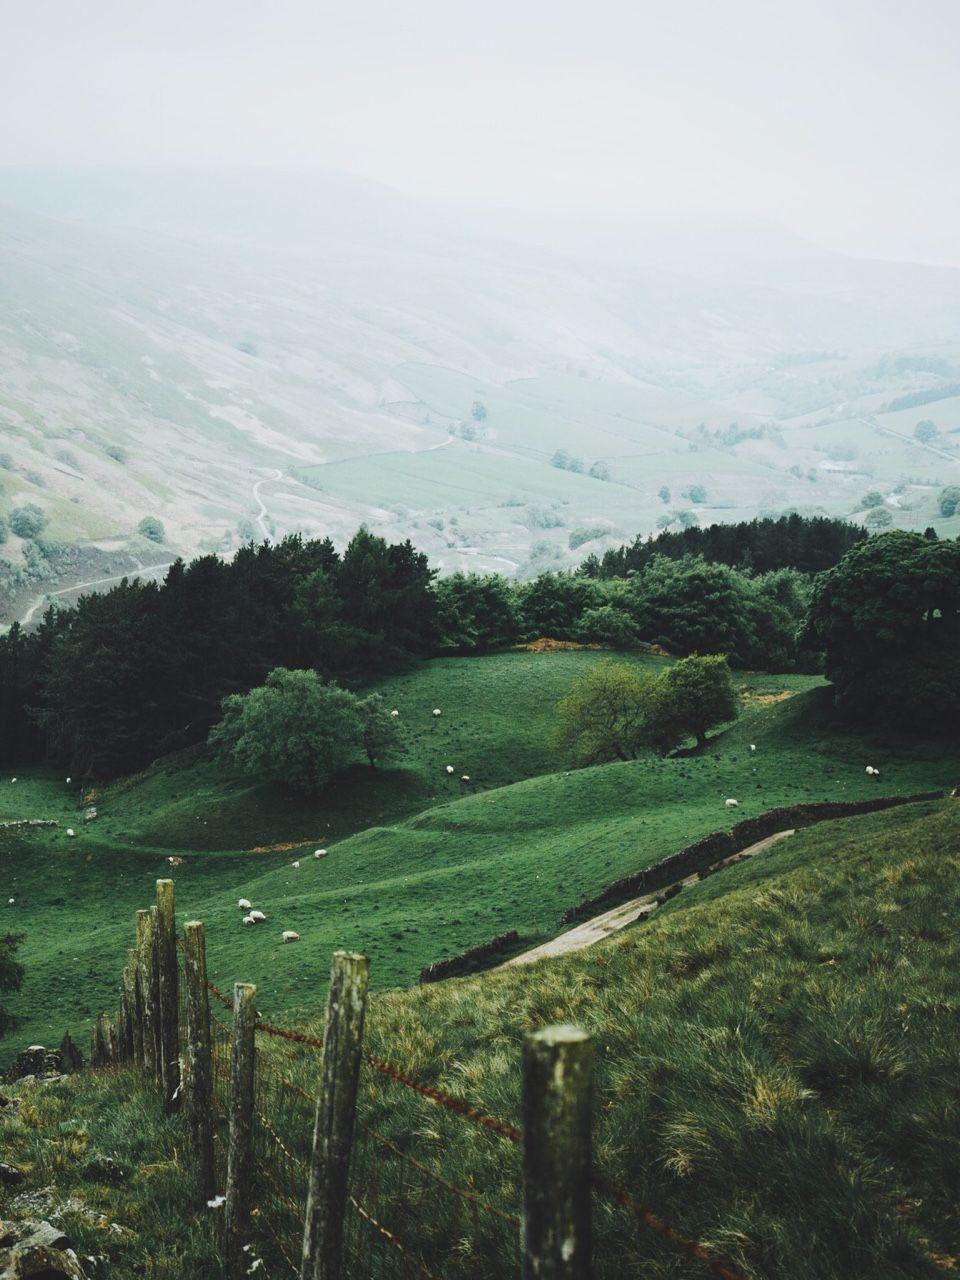 Dpcphotography Landscape Nature Photography Nature